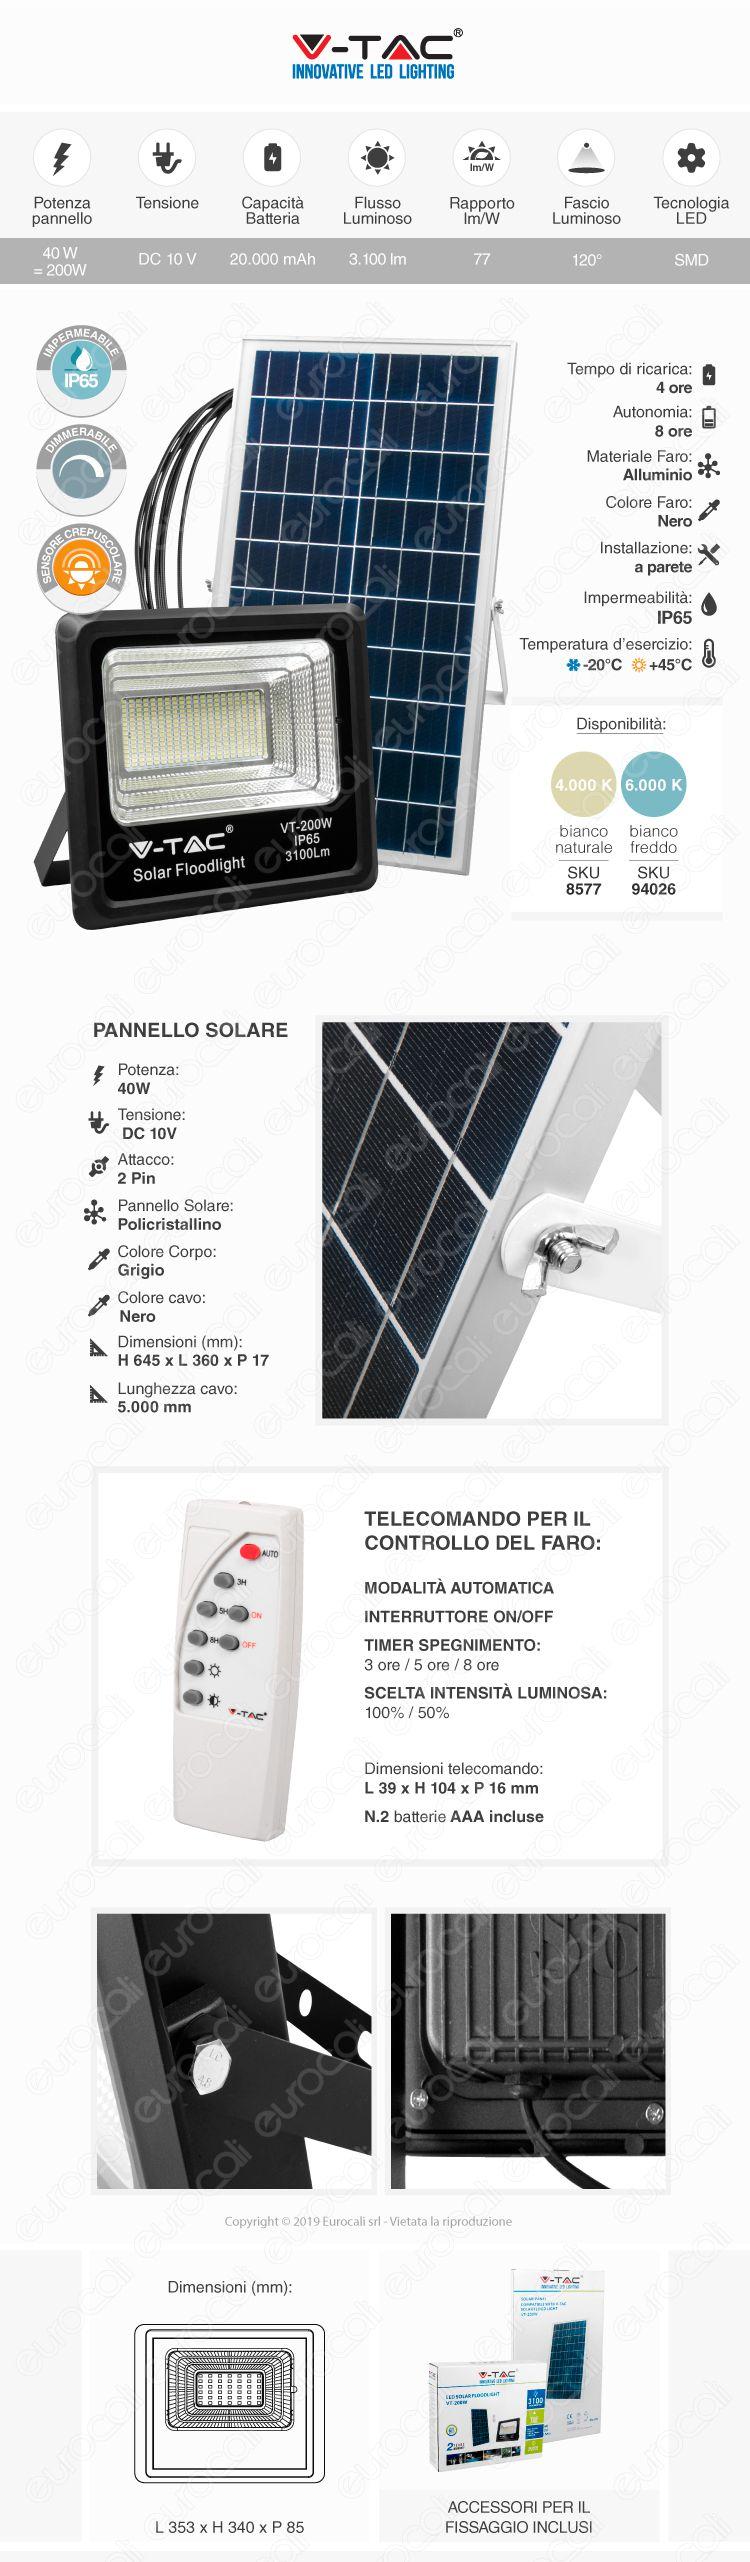 V-Tac VT-200W Faro LED 200W a Batteria con Pannello Solare e Telecomando